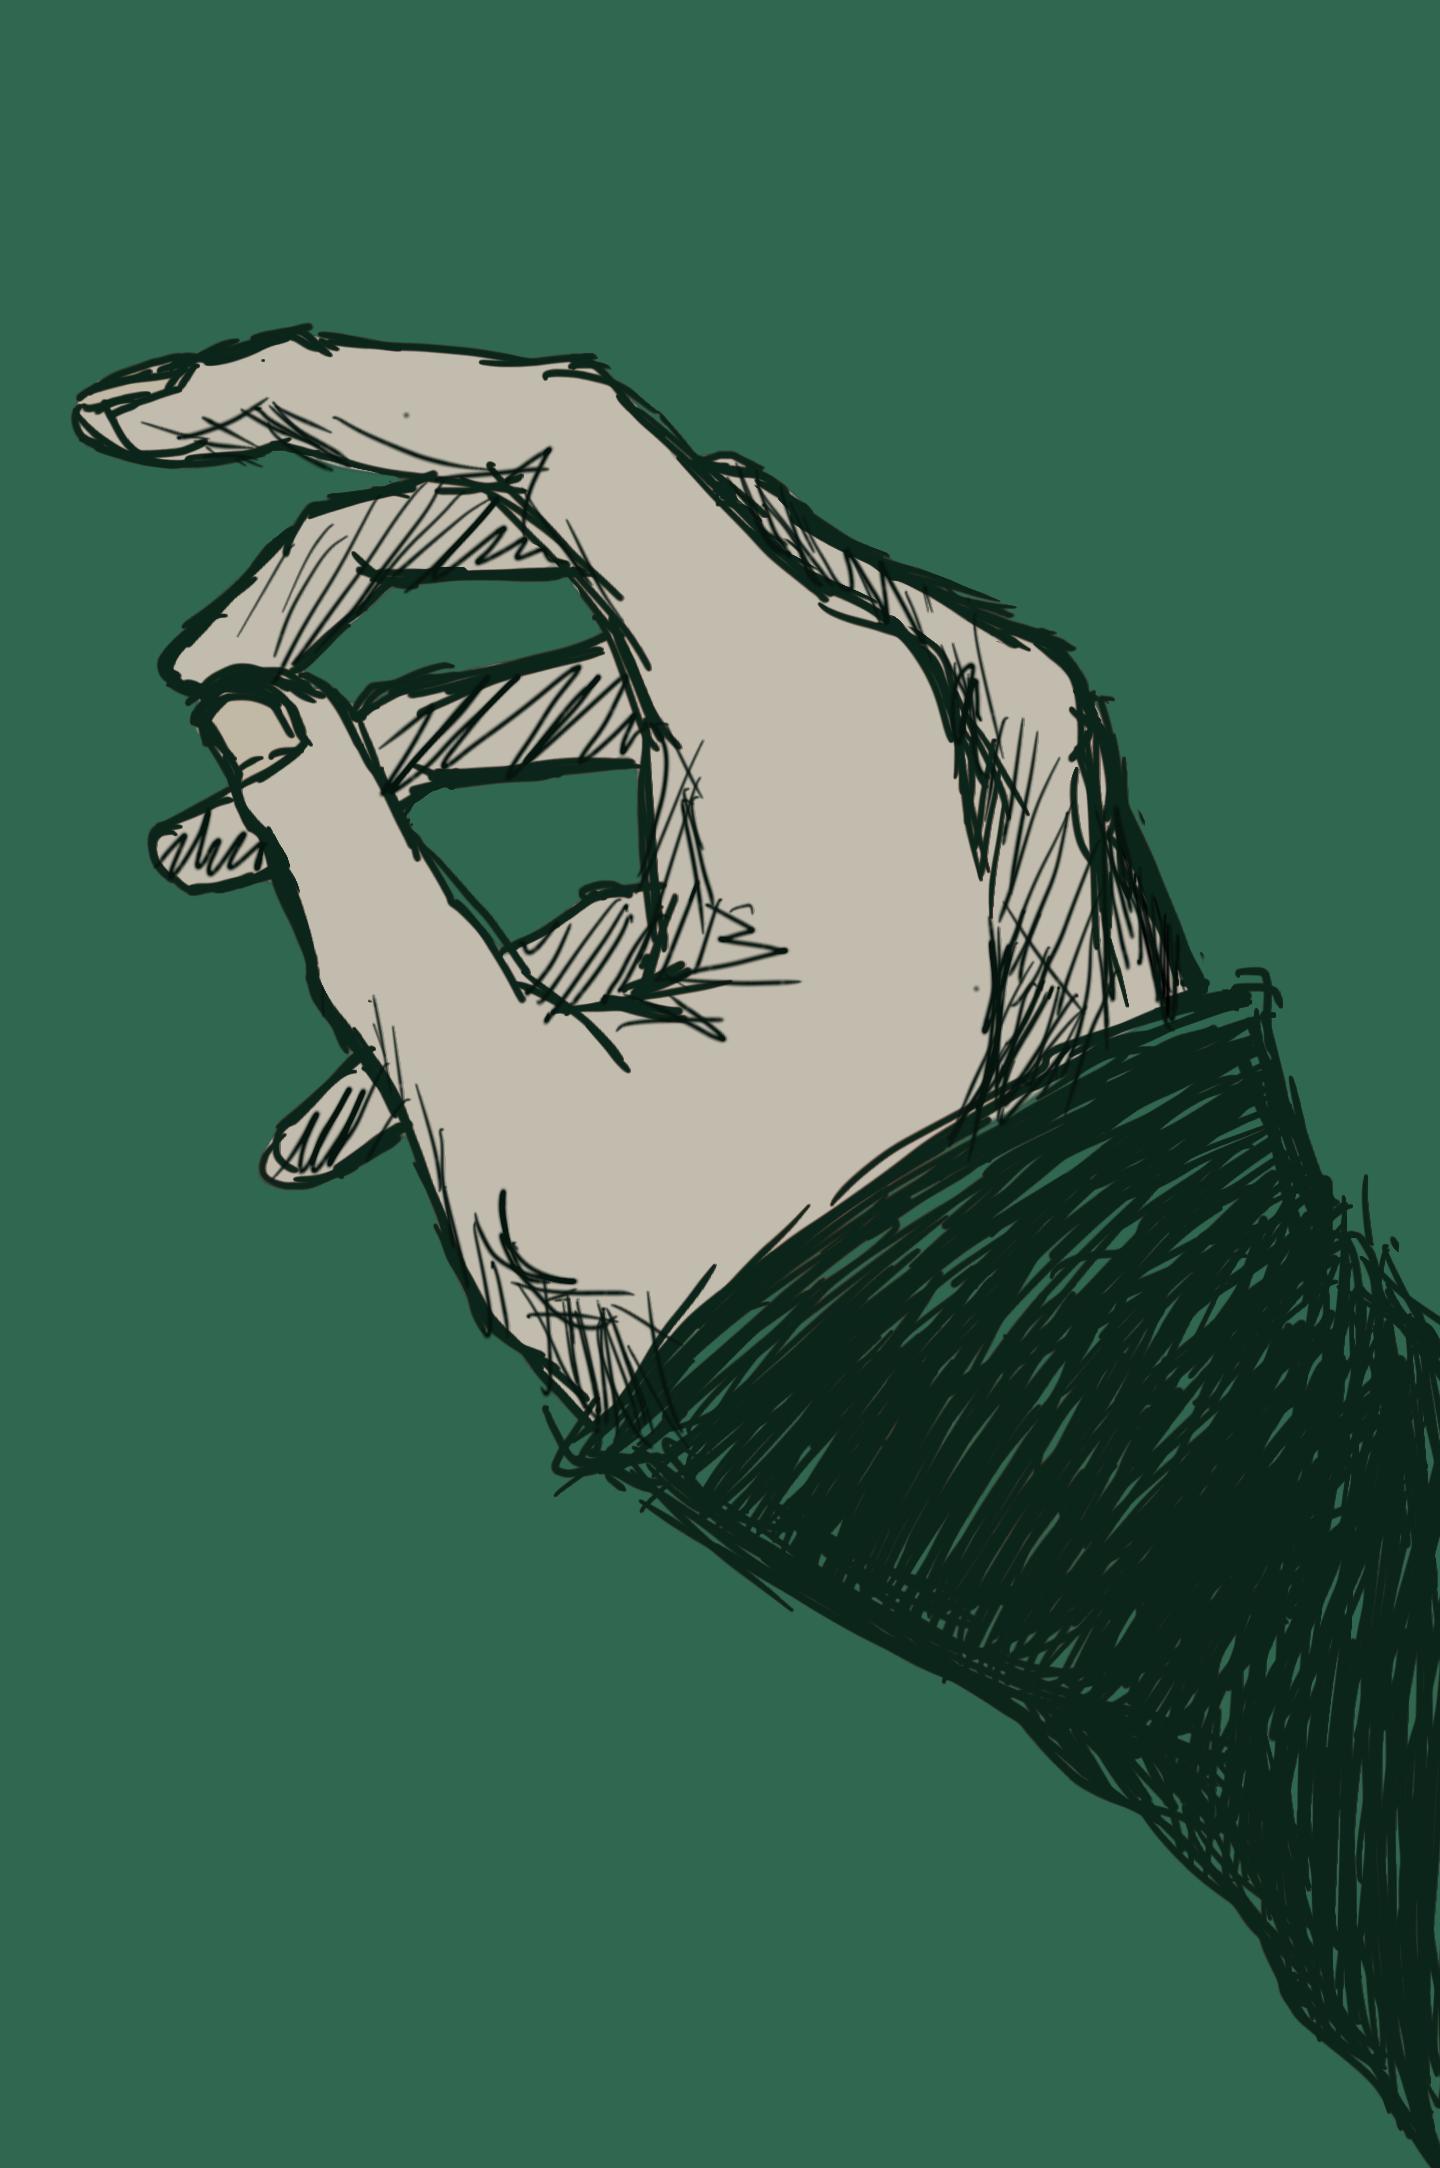 セブルス・スネイプの画像 p1_39